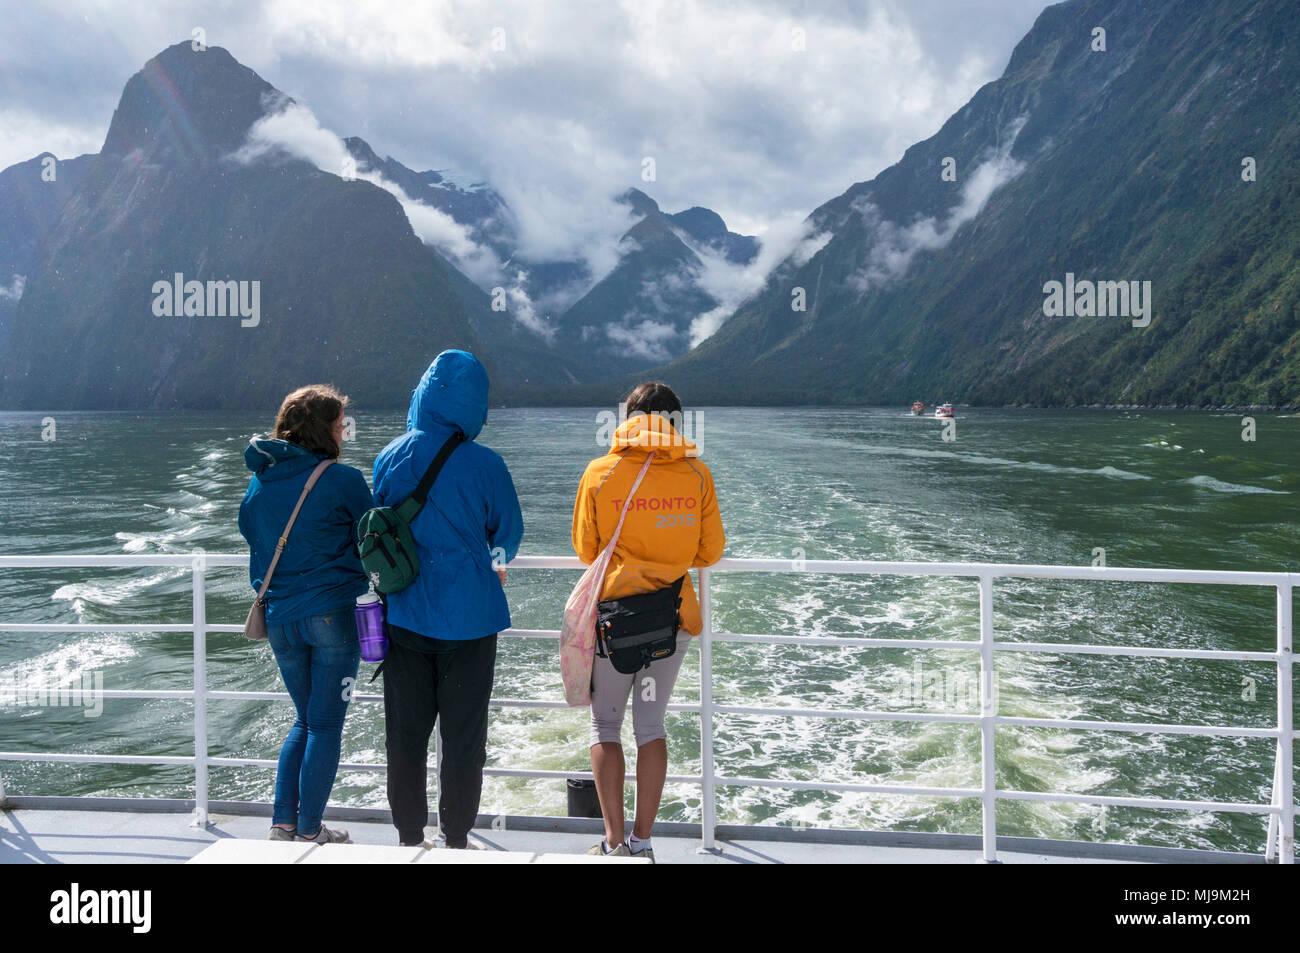 Milford Sound Neuseeland Milford Sound drei Freunde am Bug der ein ausflugsschiff Rückkehr aus eine Bootsfahrt auf dem Milford Sound South Island stand Stockbild